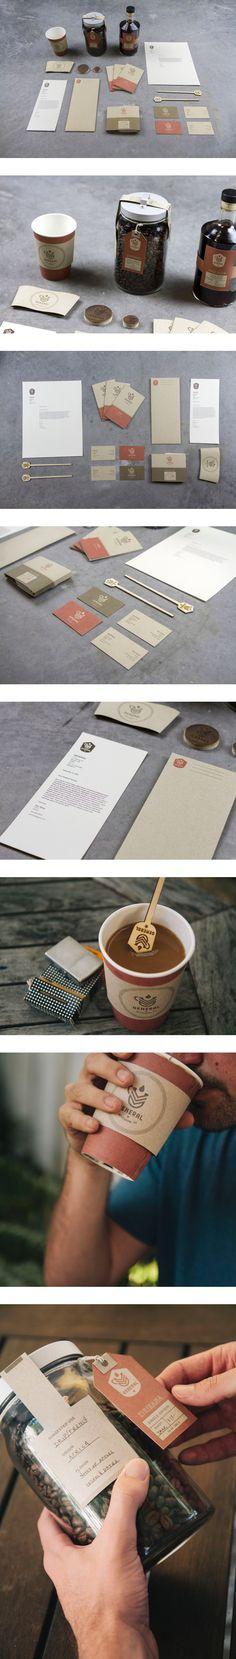 General Cafe by Clarke Harris, via Behance #identity #branding